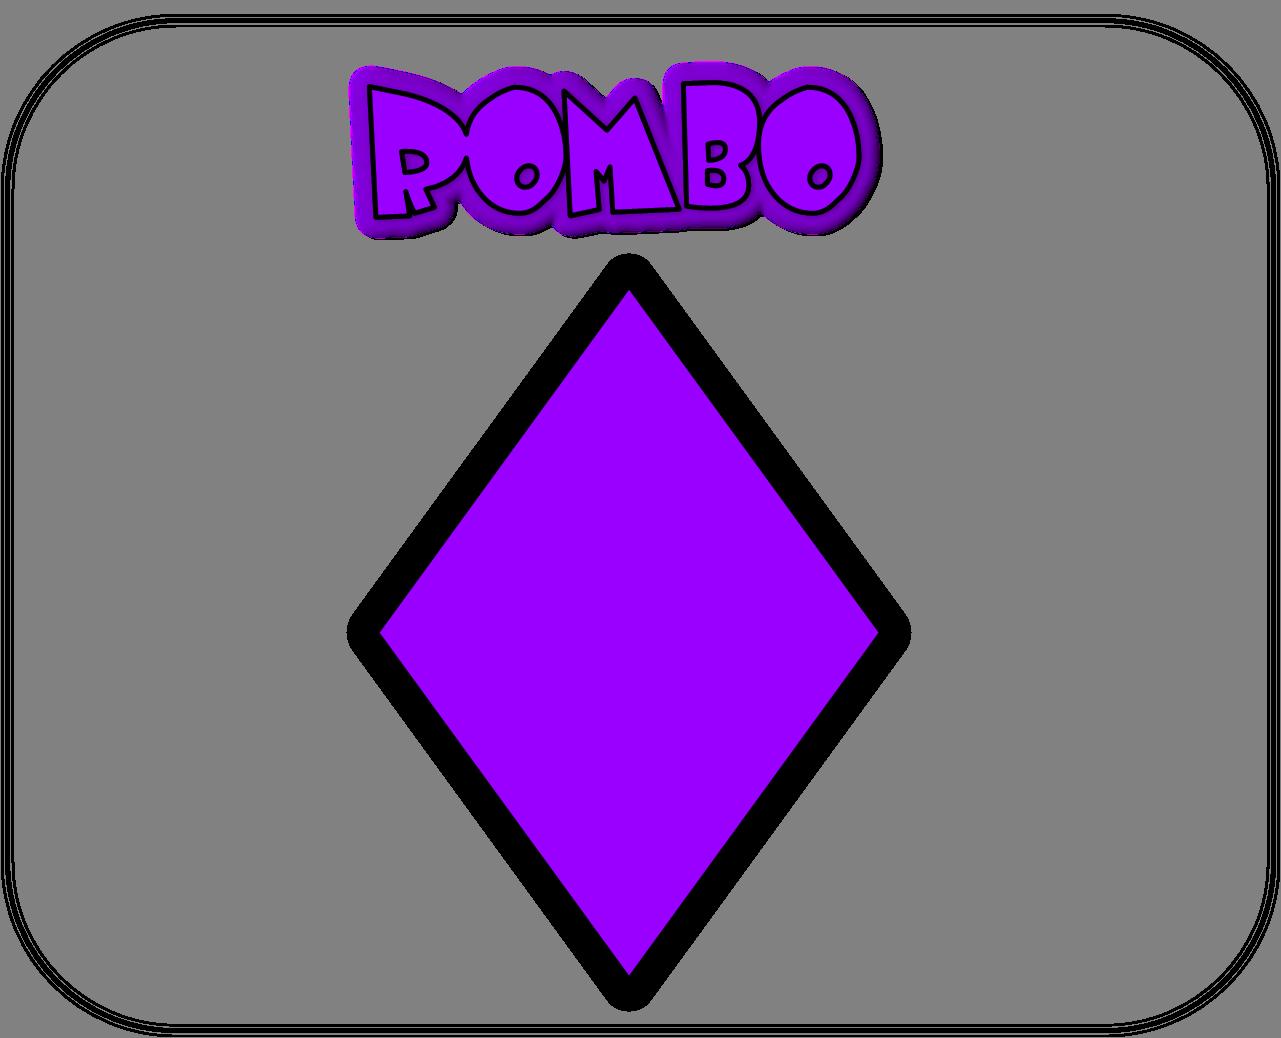 Carteles de las figuras geométricas rombo